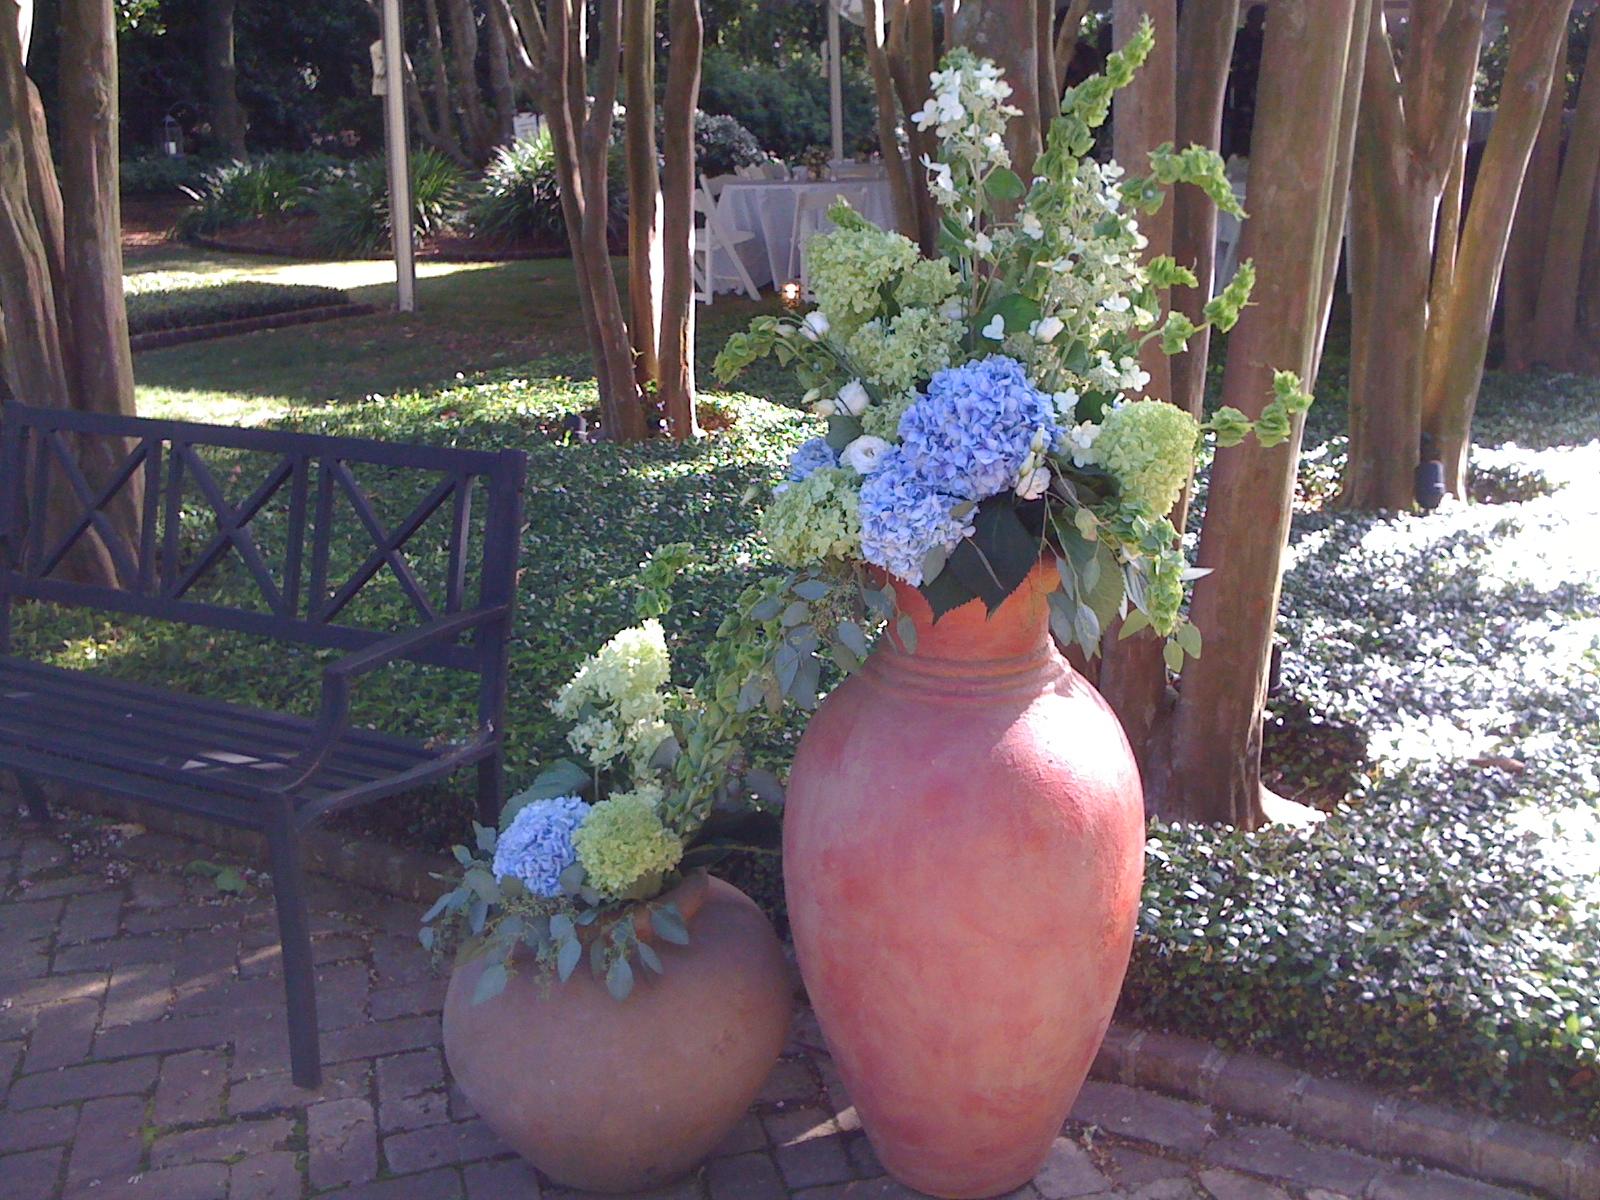 Garden flowers at Thomas Bennett House